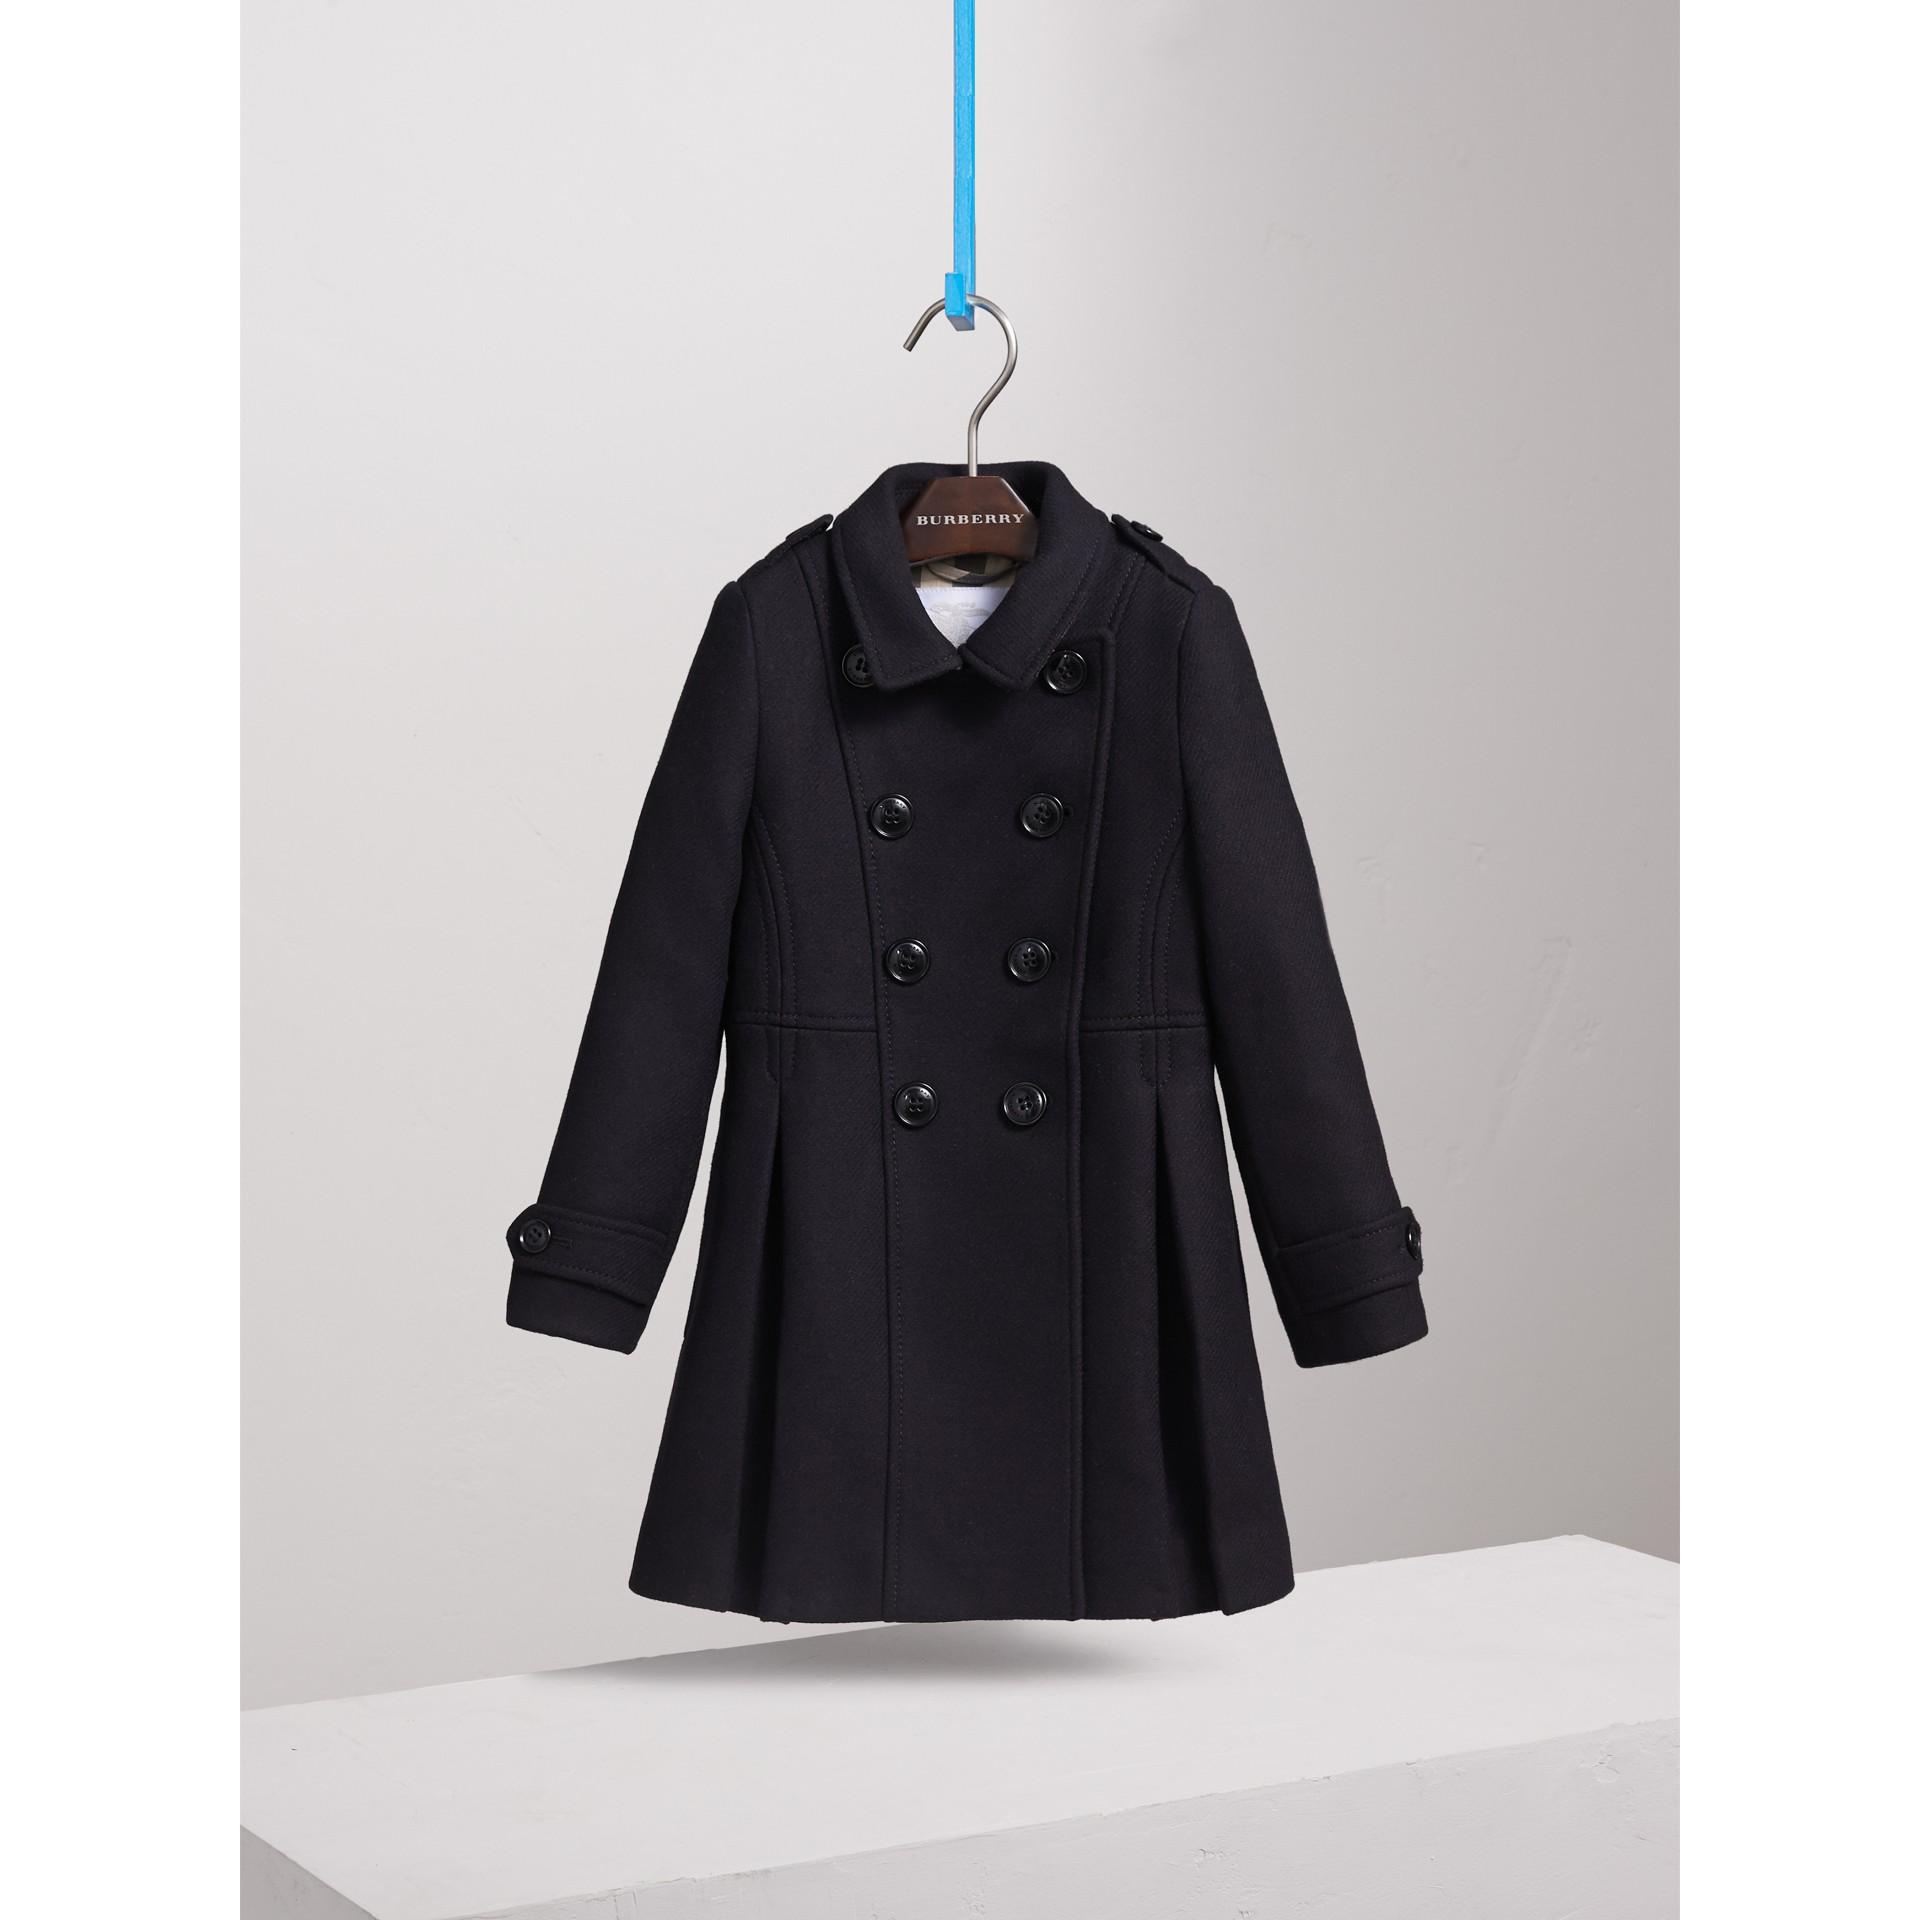 Zweireihiger Mantel aus Wolle, Kaschmir und technischer Faser (Marineblau) - Mädchen | Burberry - Galerie-Bild 3